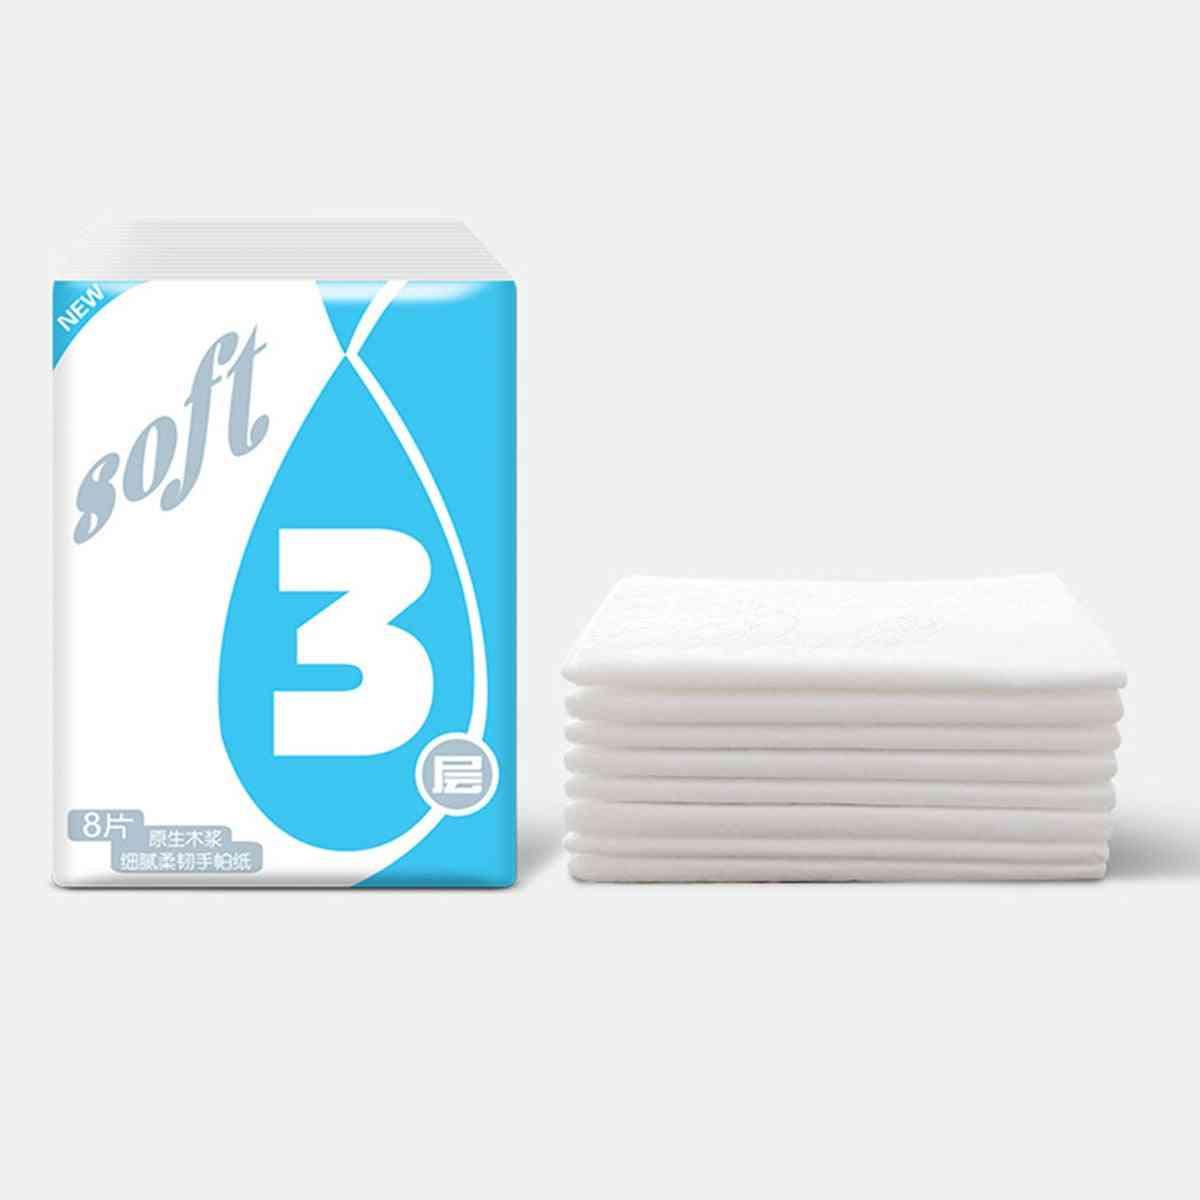 Portable Pocket Face Tissue